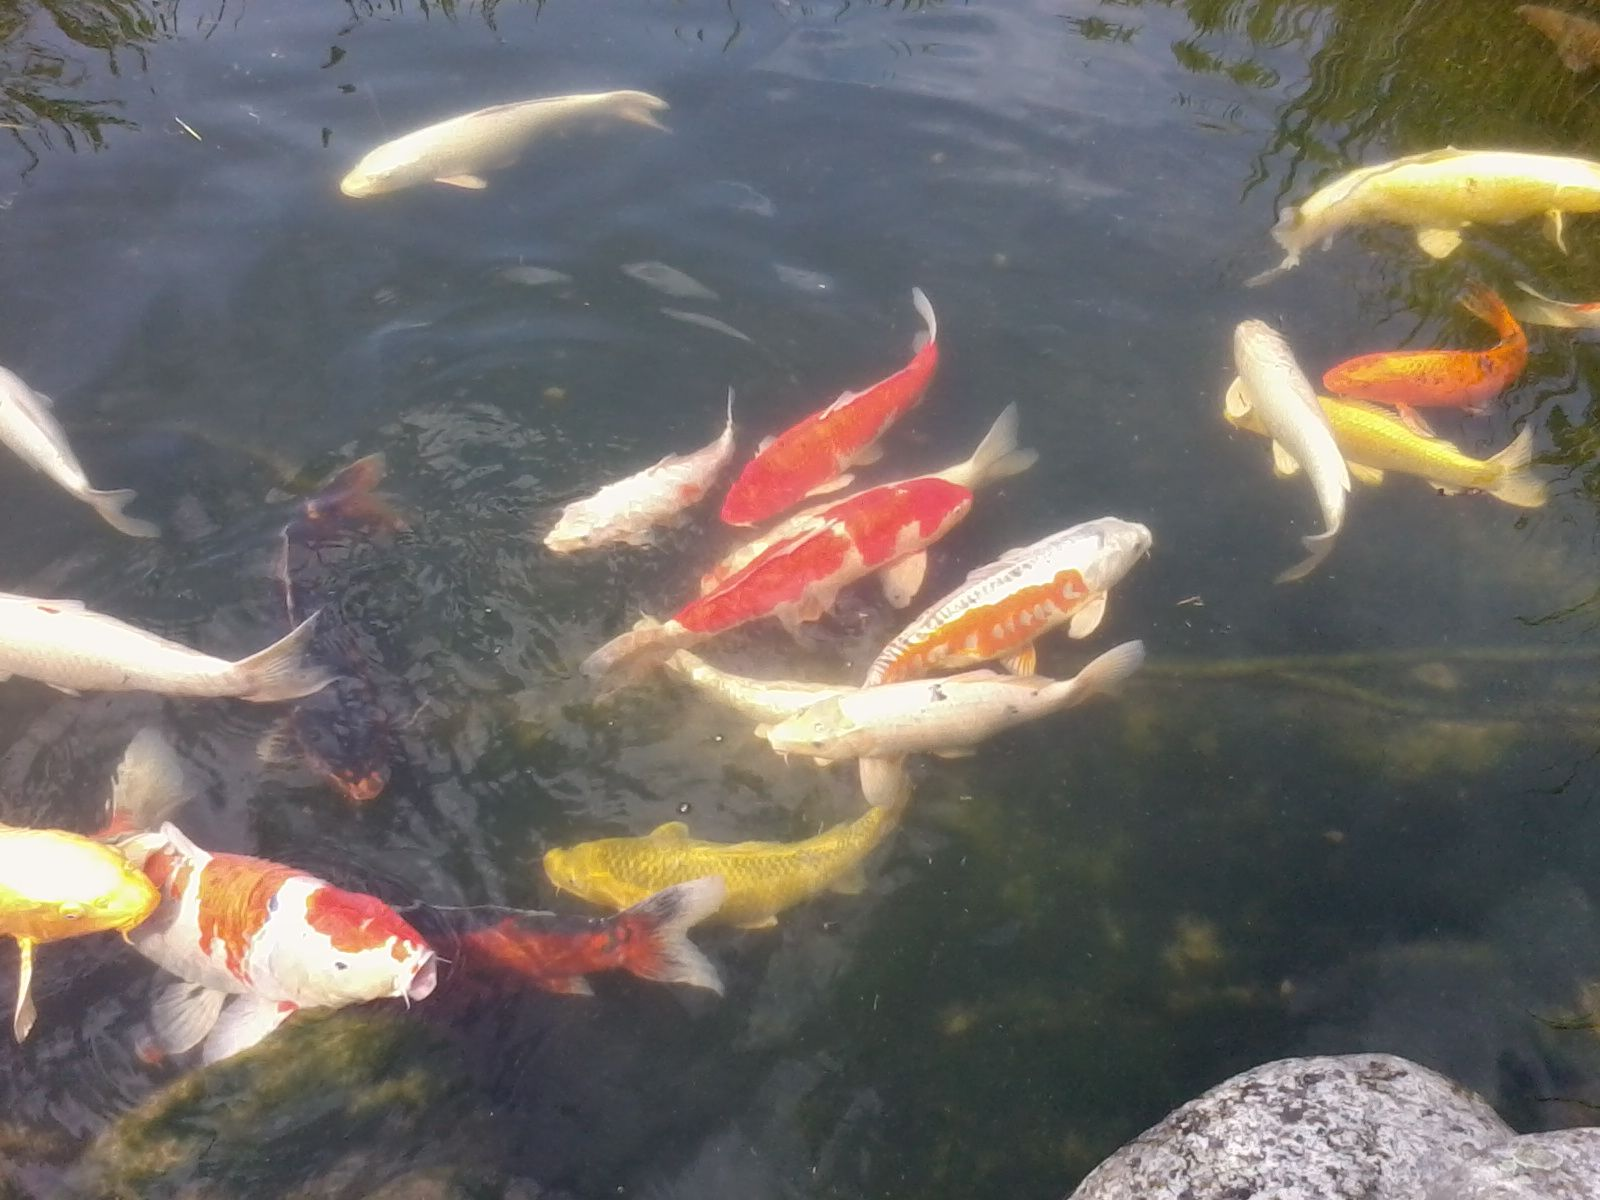 Les jardins aquatiques - Les jardins aquatiques saint didier sur chalaronne ...